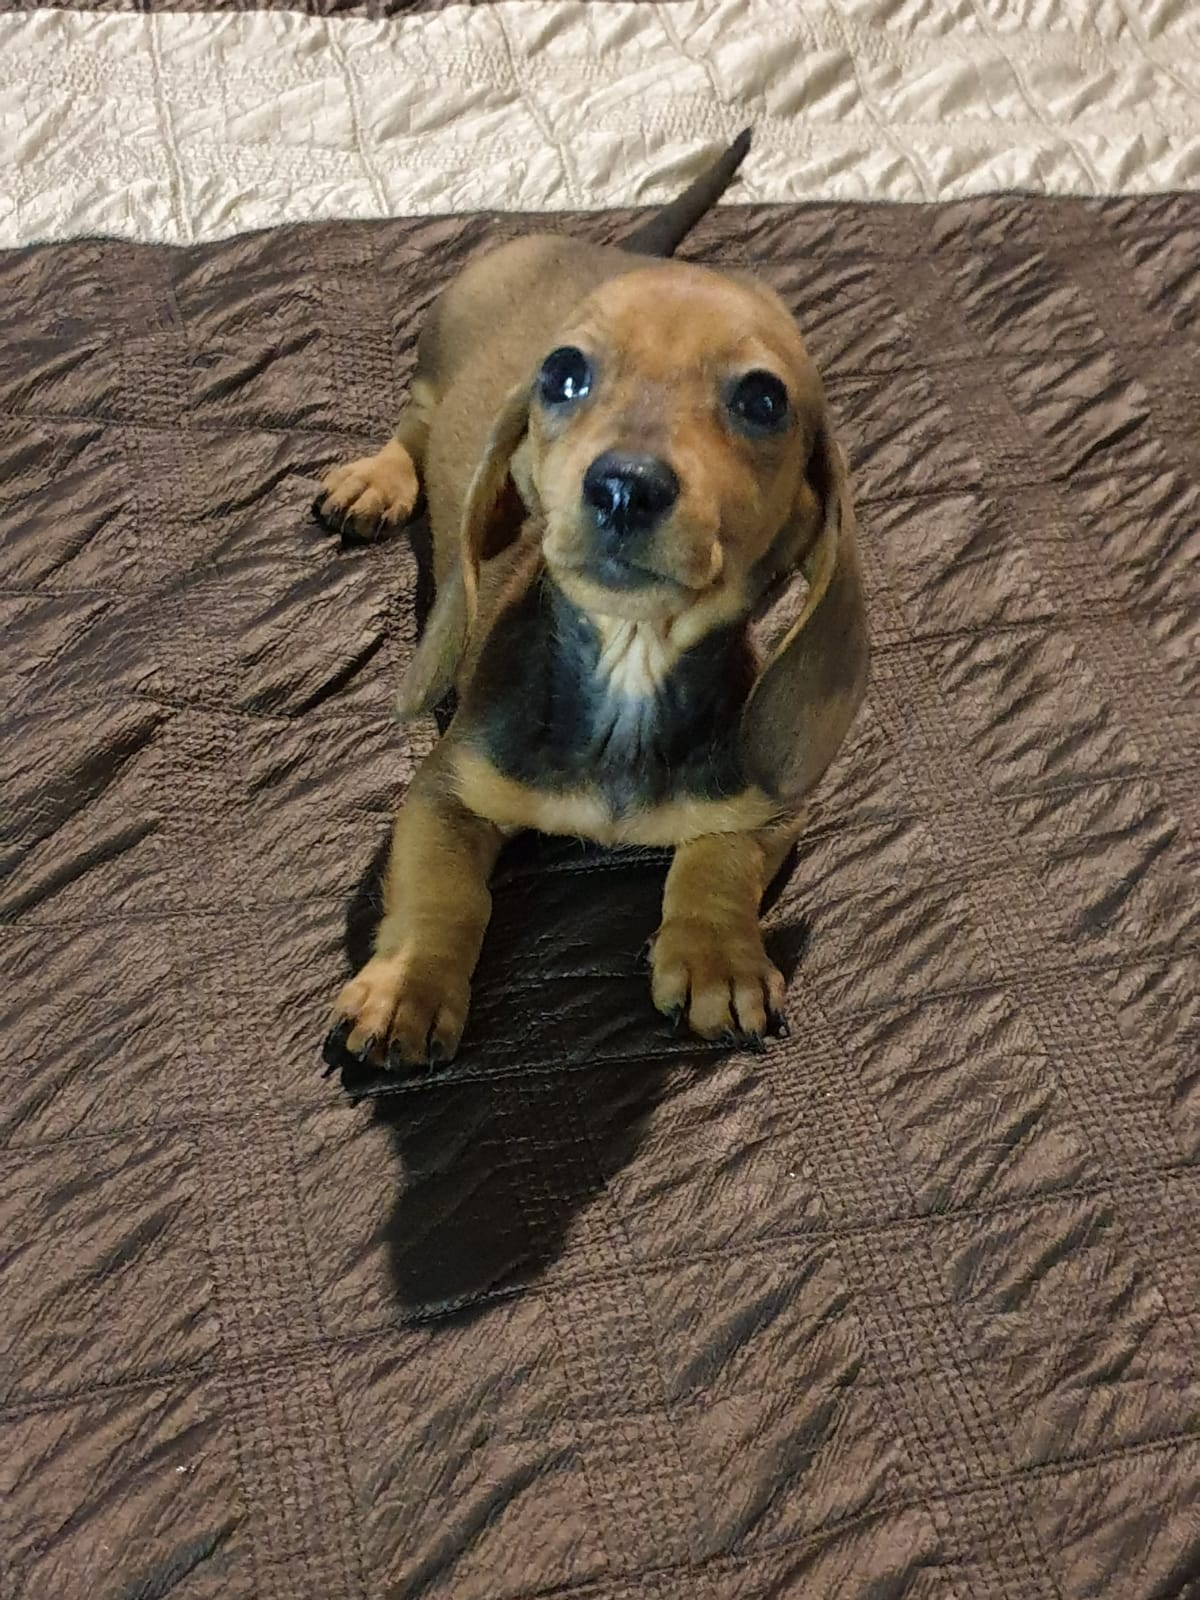 Dachshund/Worshond puppies